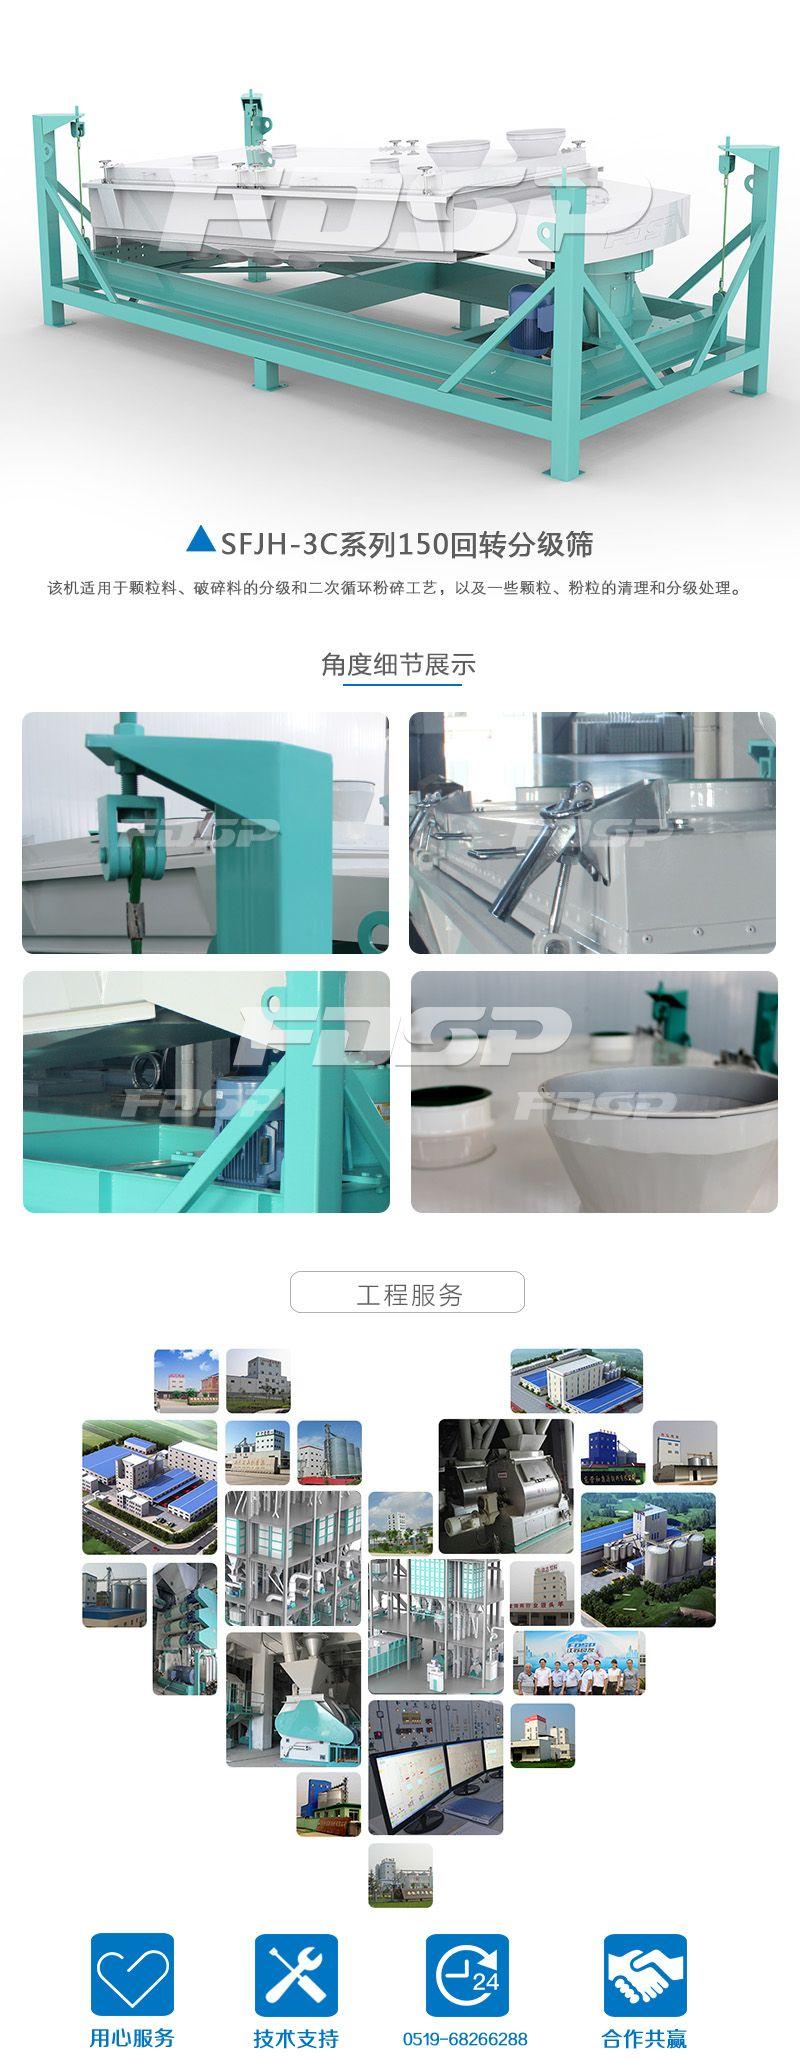 Criba de clasificación giratoria serie SFJH150 × 3C